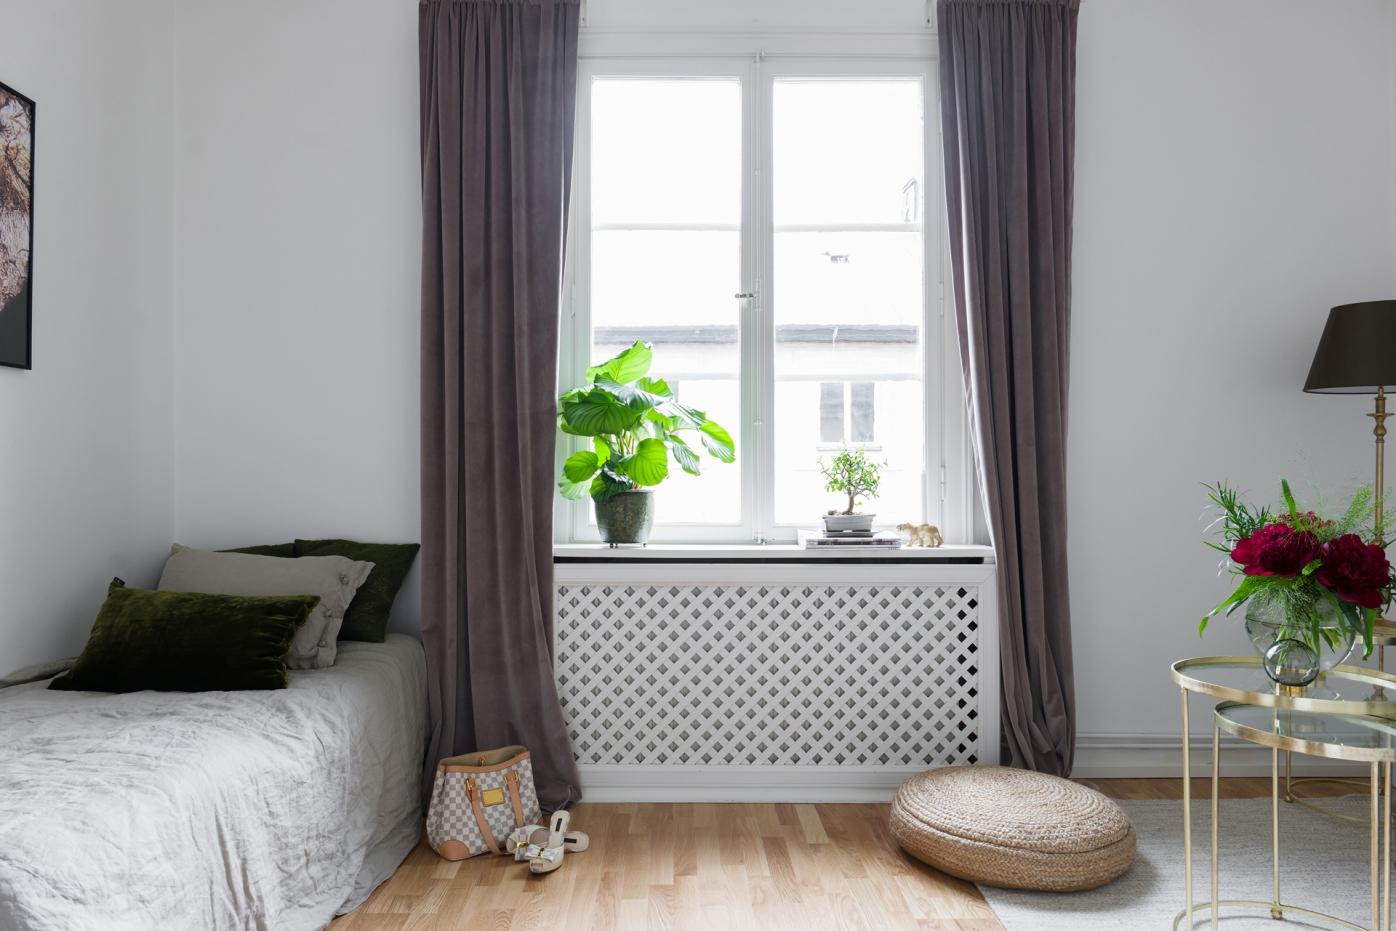 Etta på Södermalm. Styling av mig för Eklund Stockholm NewYork